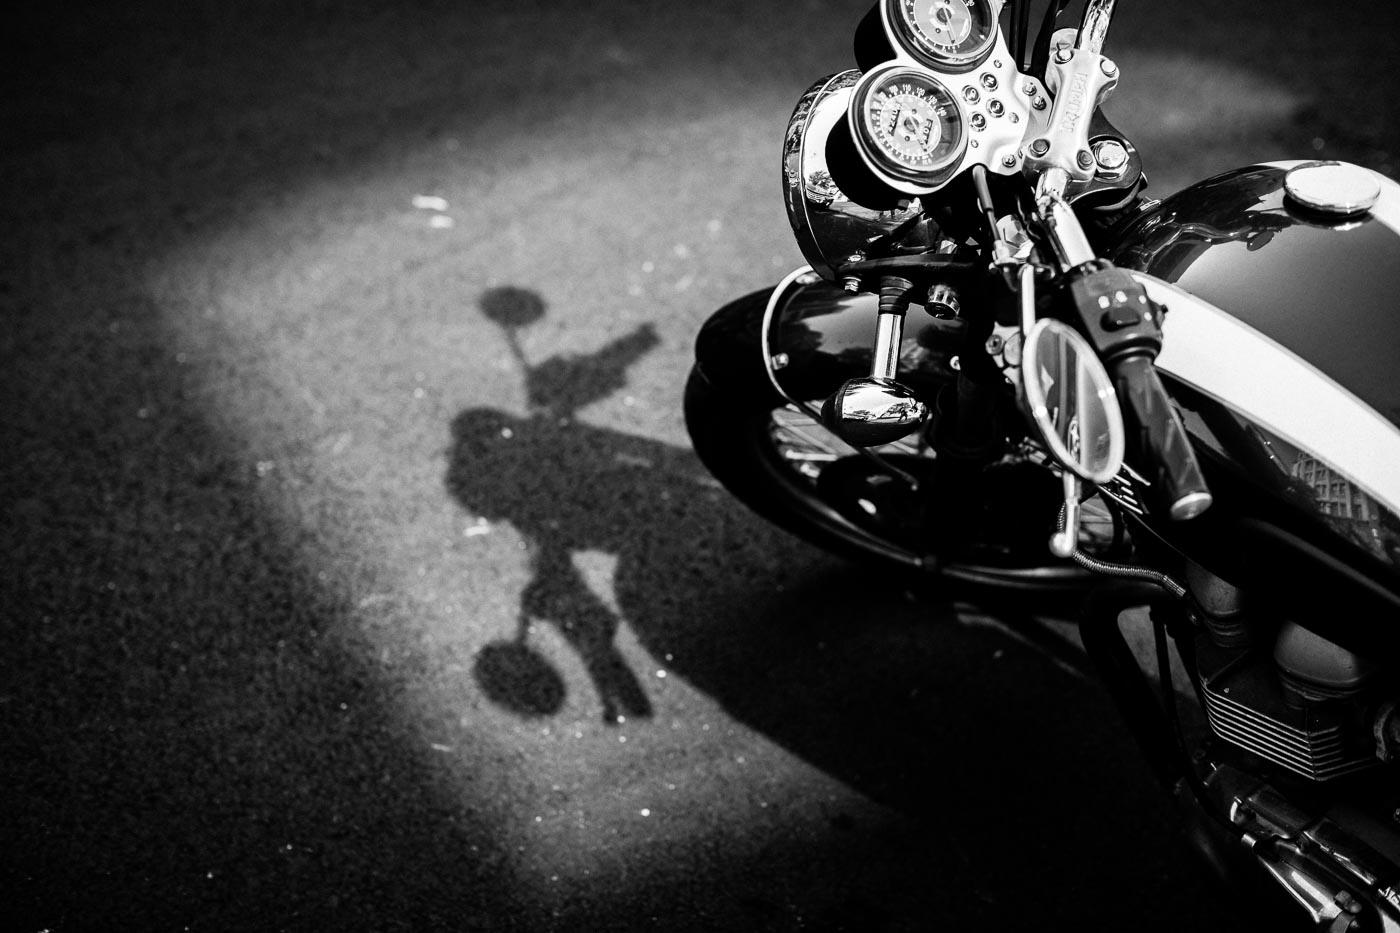 WilkieVintage_Motorcycle_Projects @ Alan Thomas Duncan Wilkie-41.jpg